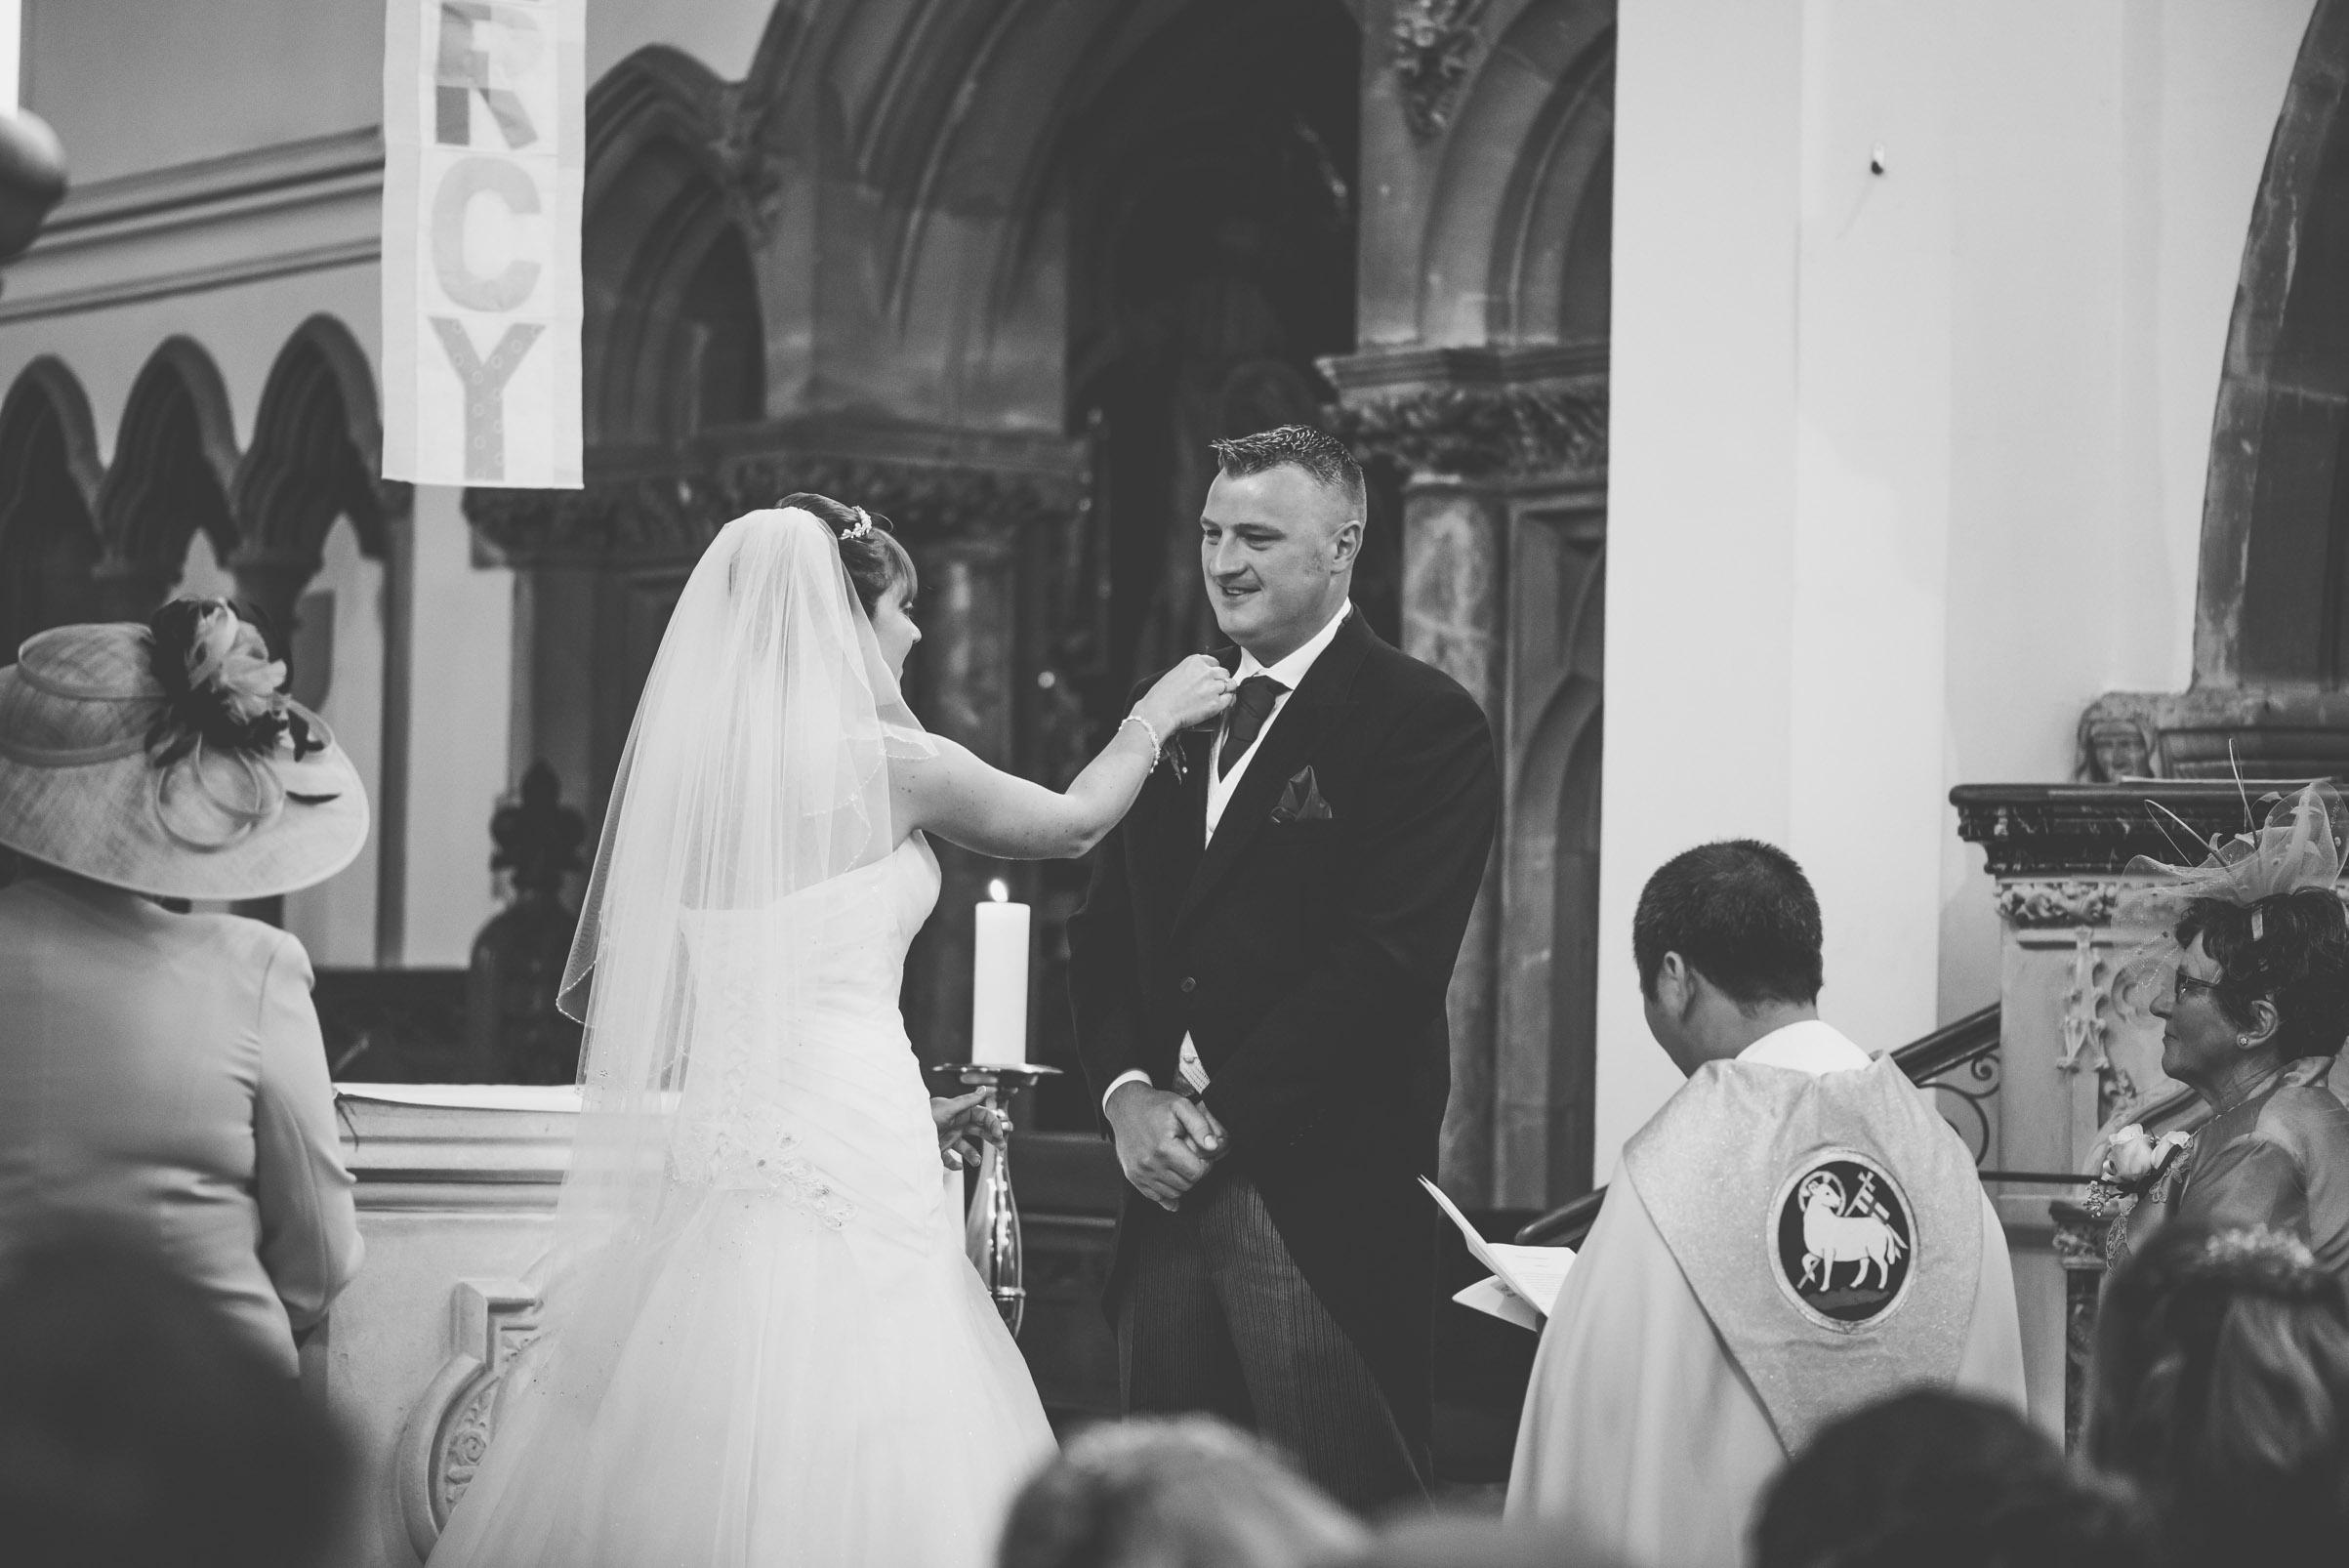 Farm-wedding-staffordshire-st-marys-catholic-church-uttoxter-33.jpg